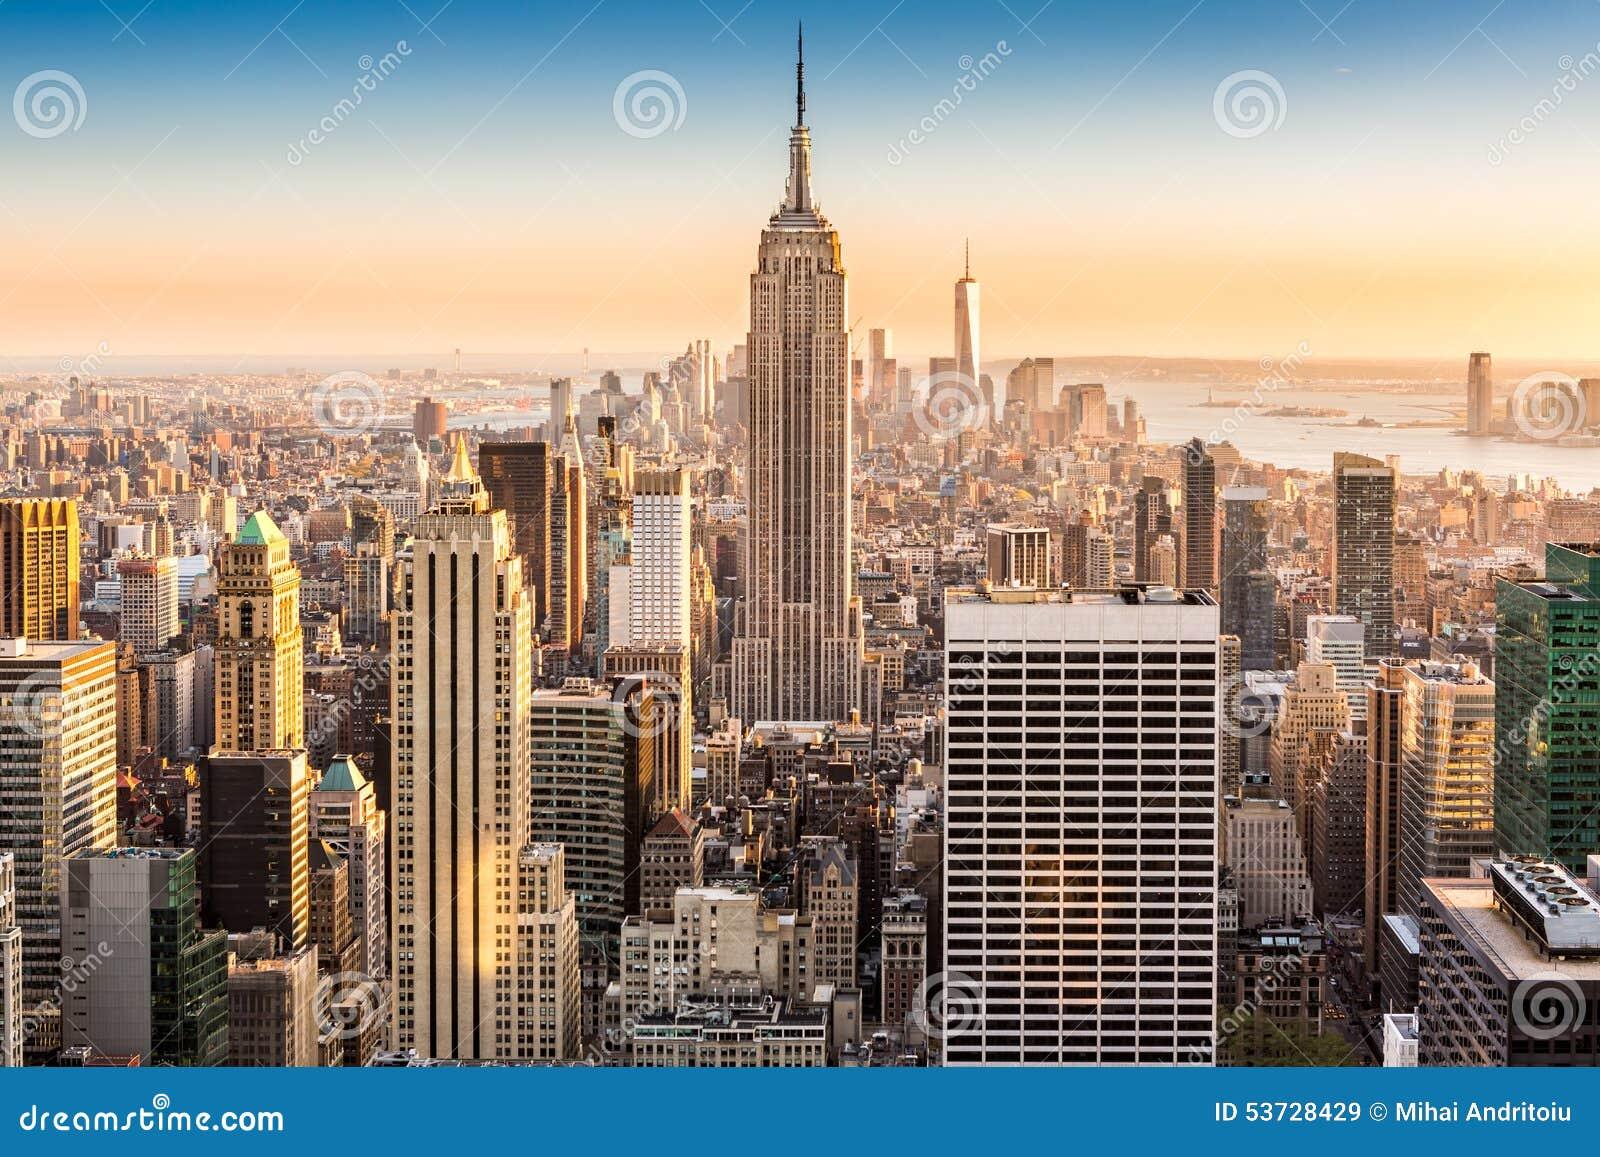 Ορίζοντας της Νέας Υόρκης σε ένα ηλιόλουστο απόγευμα